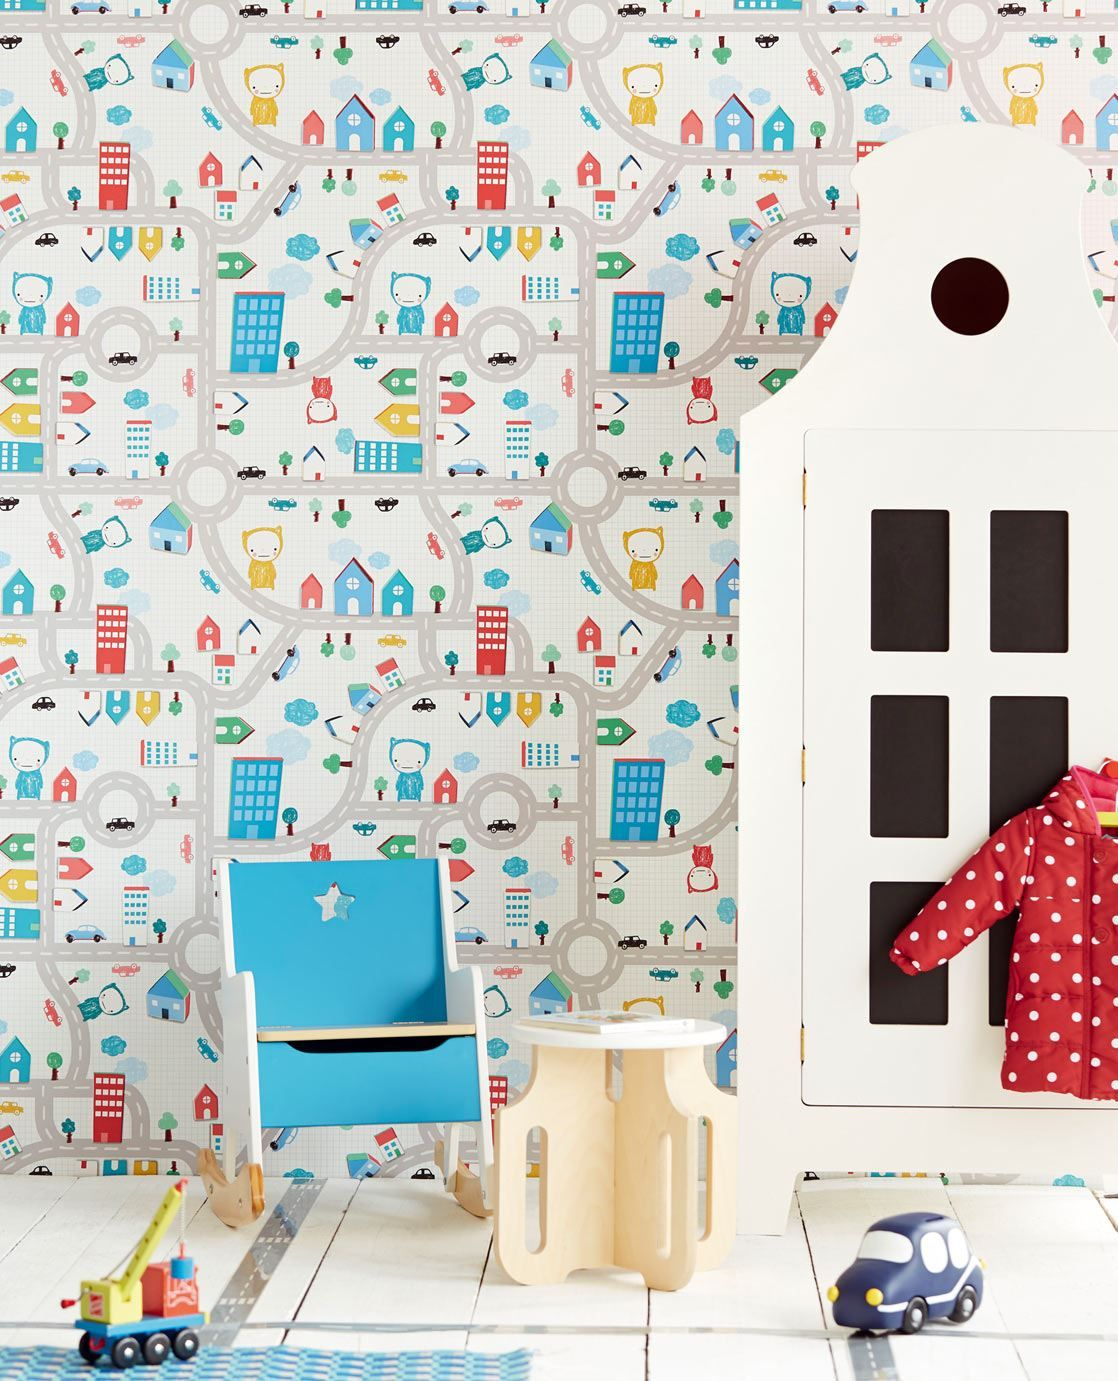 Kleines badezimmer design 5 'x 6' pin by i rchitect on kids furniture  pinterest  kids furniture